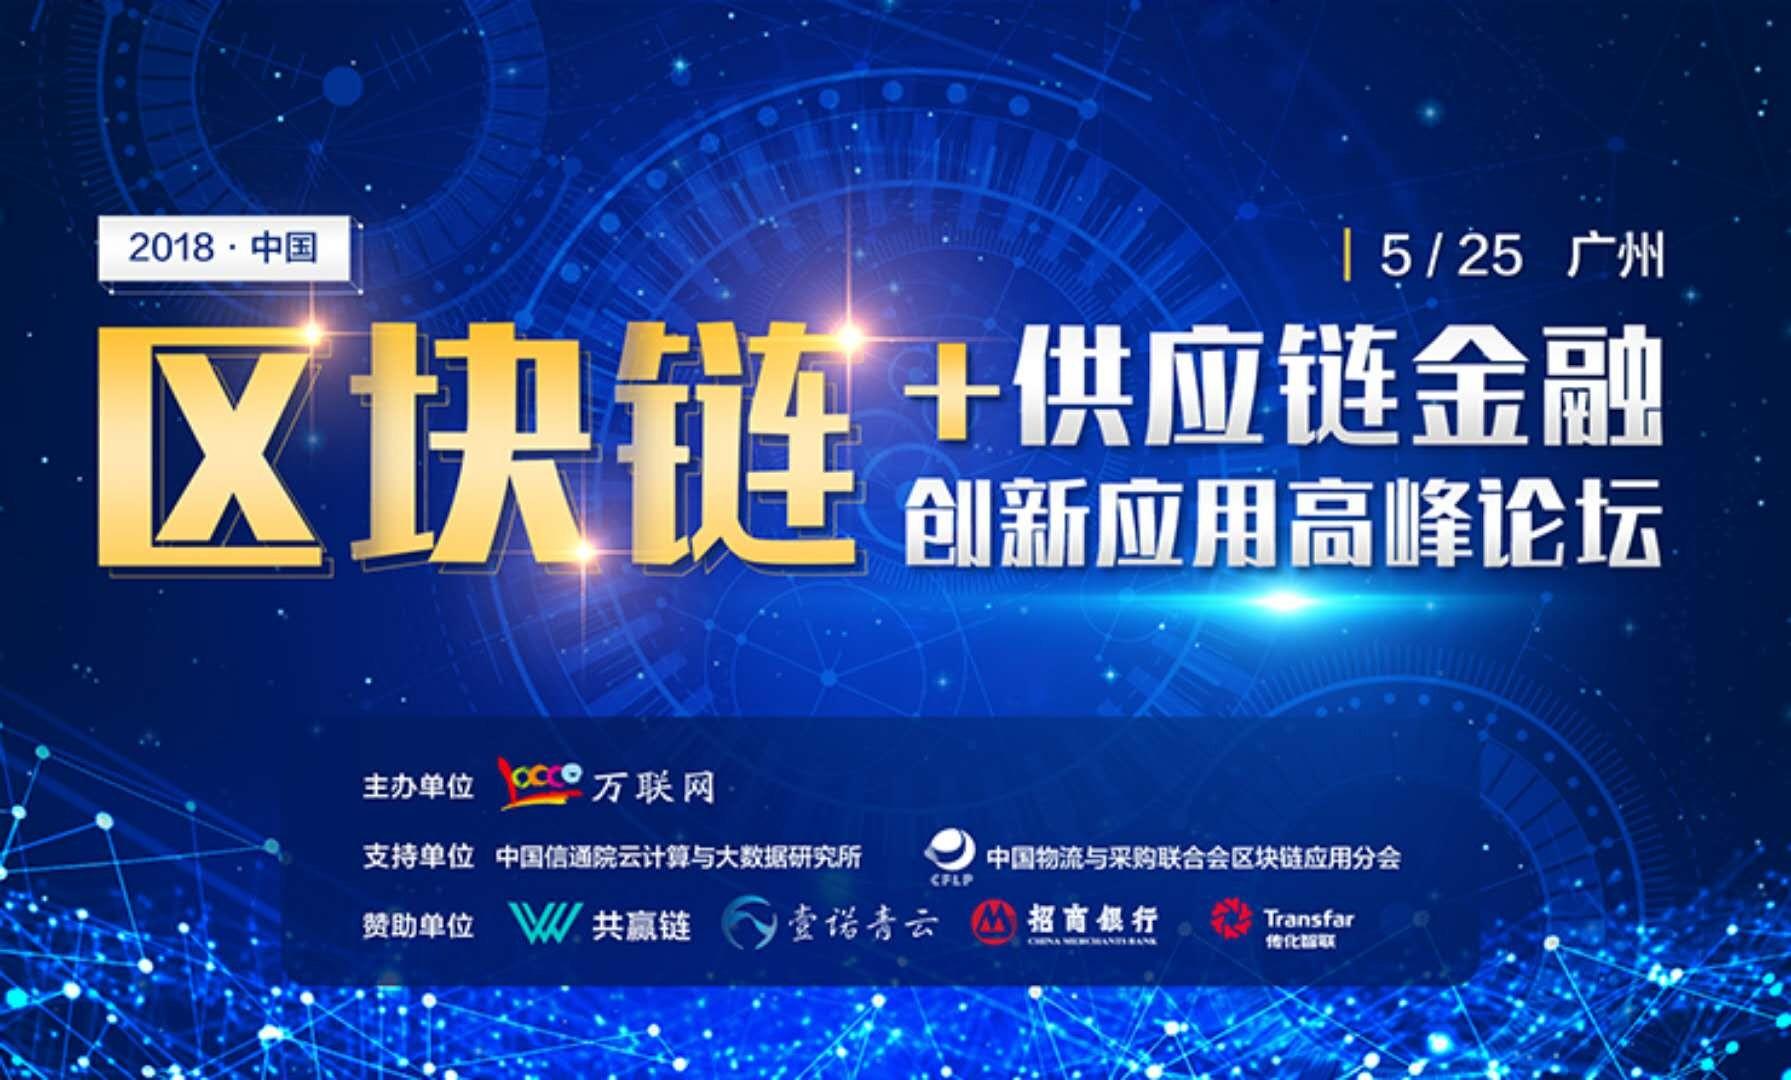 中国区块链供应链金融创新应用高峰论坛即将在广州举行